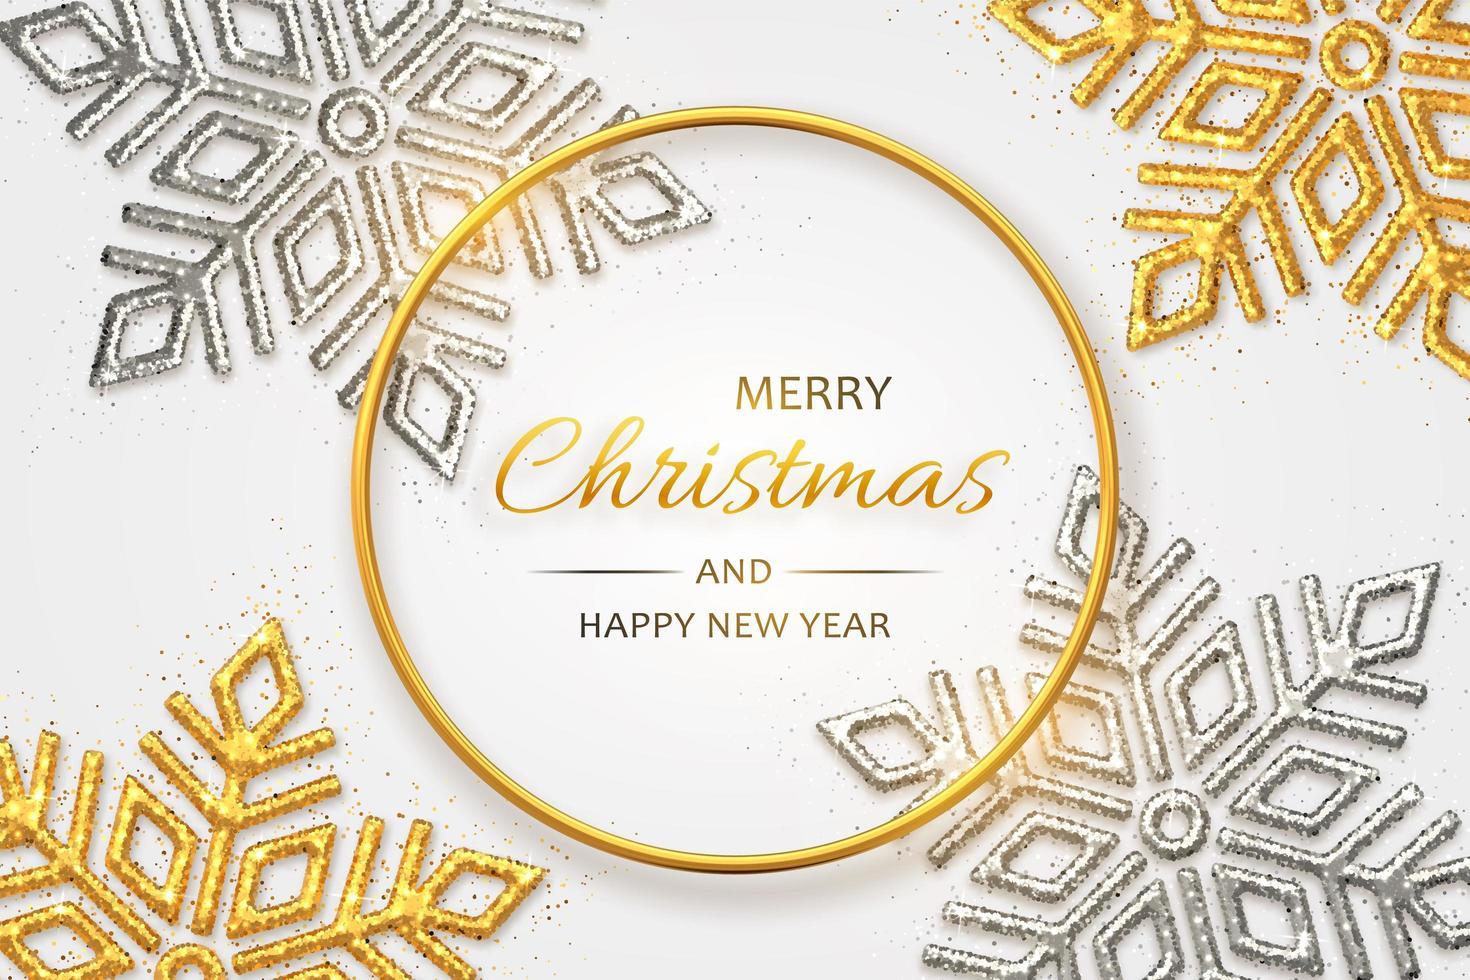 fond de Noël avec des flocons de neige dorés et argentés brillants vecteur